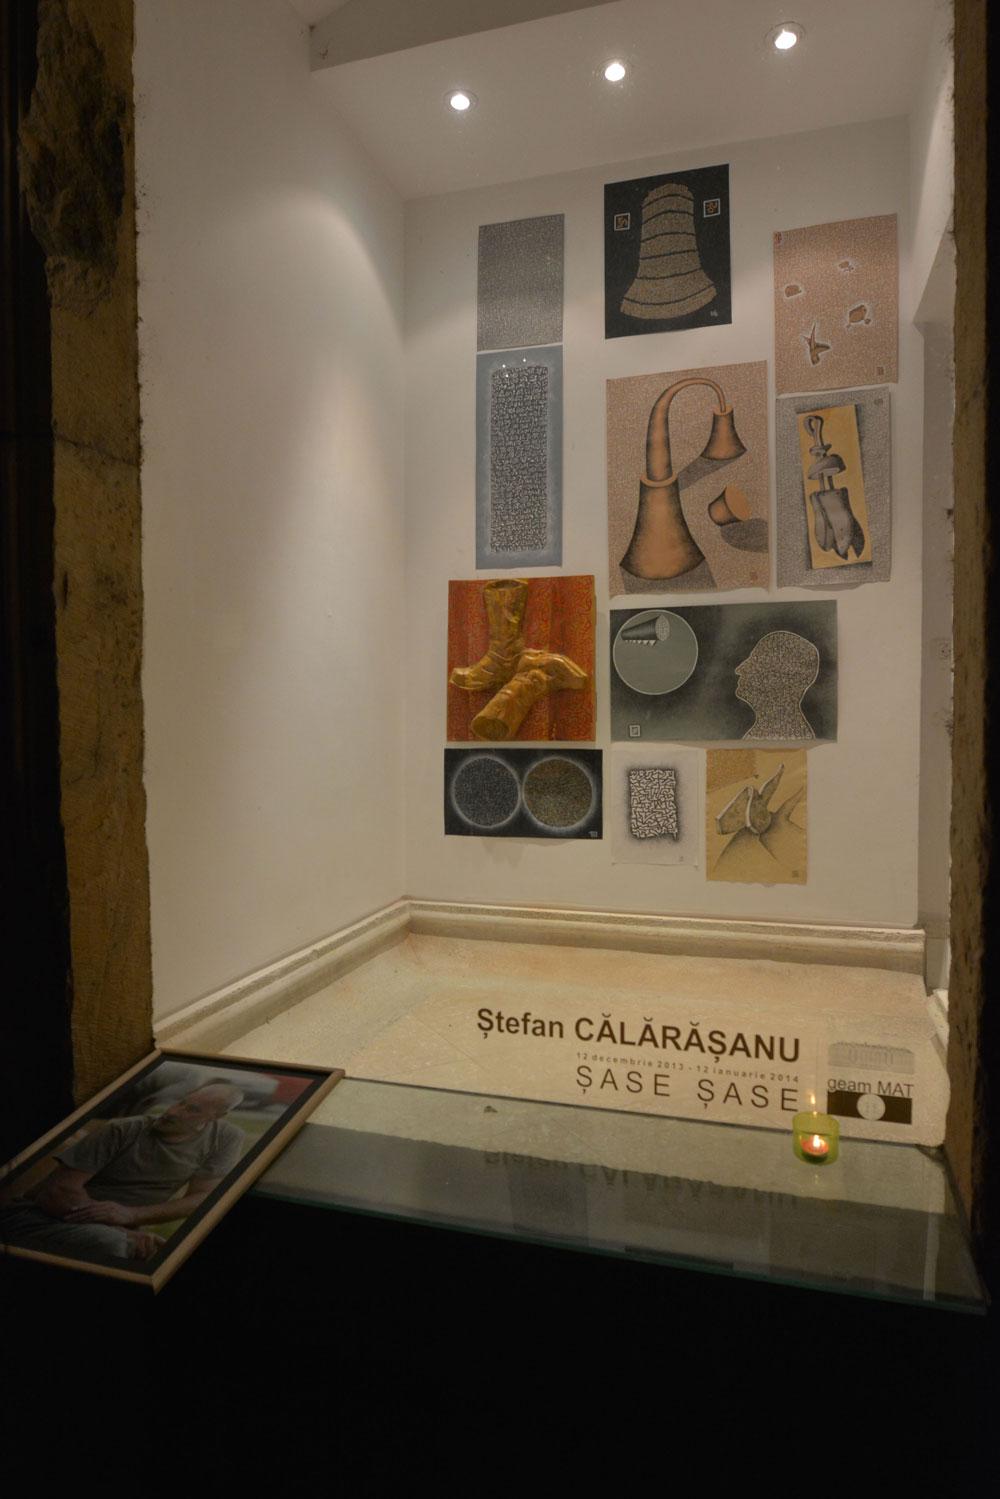 """Ștefan Călărășanu """"ȘASE ȘASE"""" @ galeria """"geamMAT"""" a Muzeului de Artă din Timișoara, imagini"""